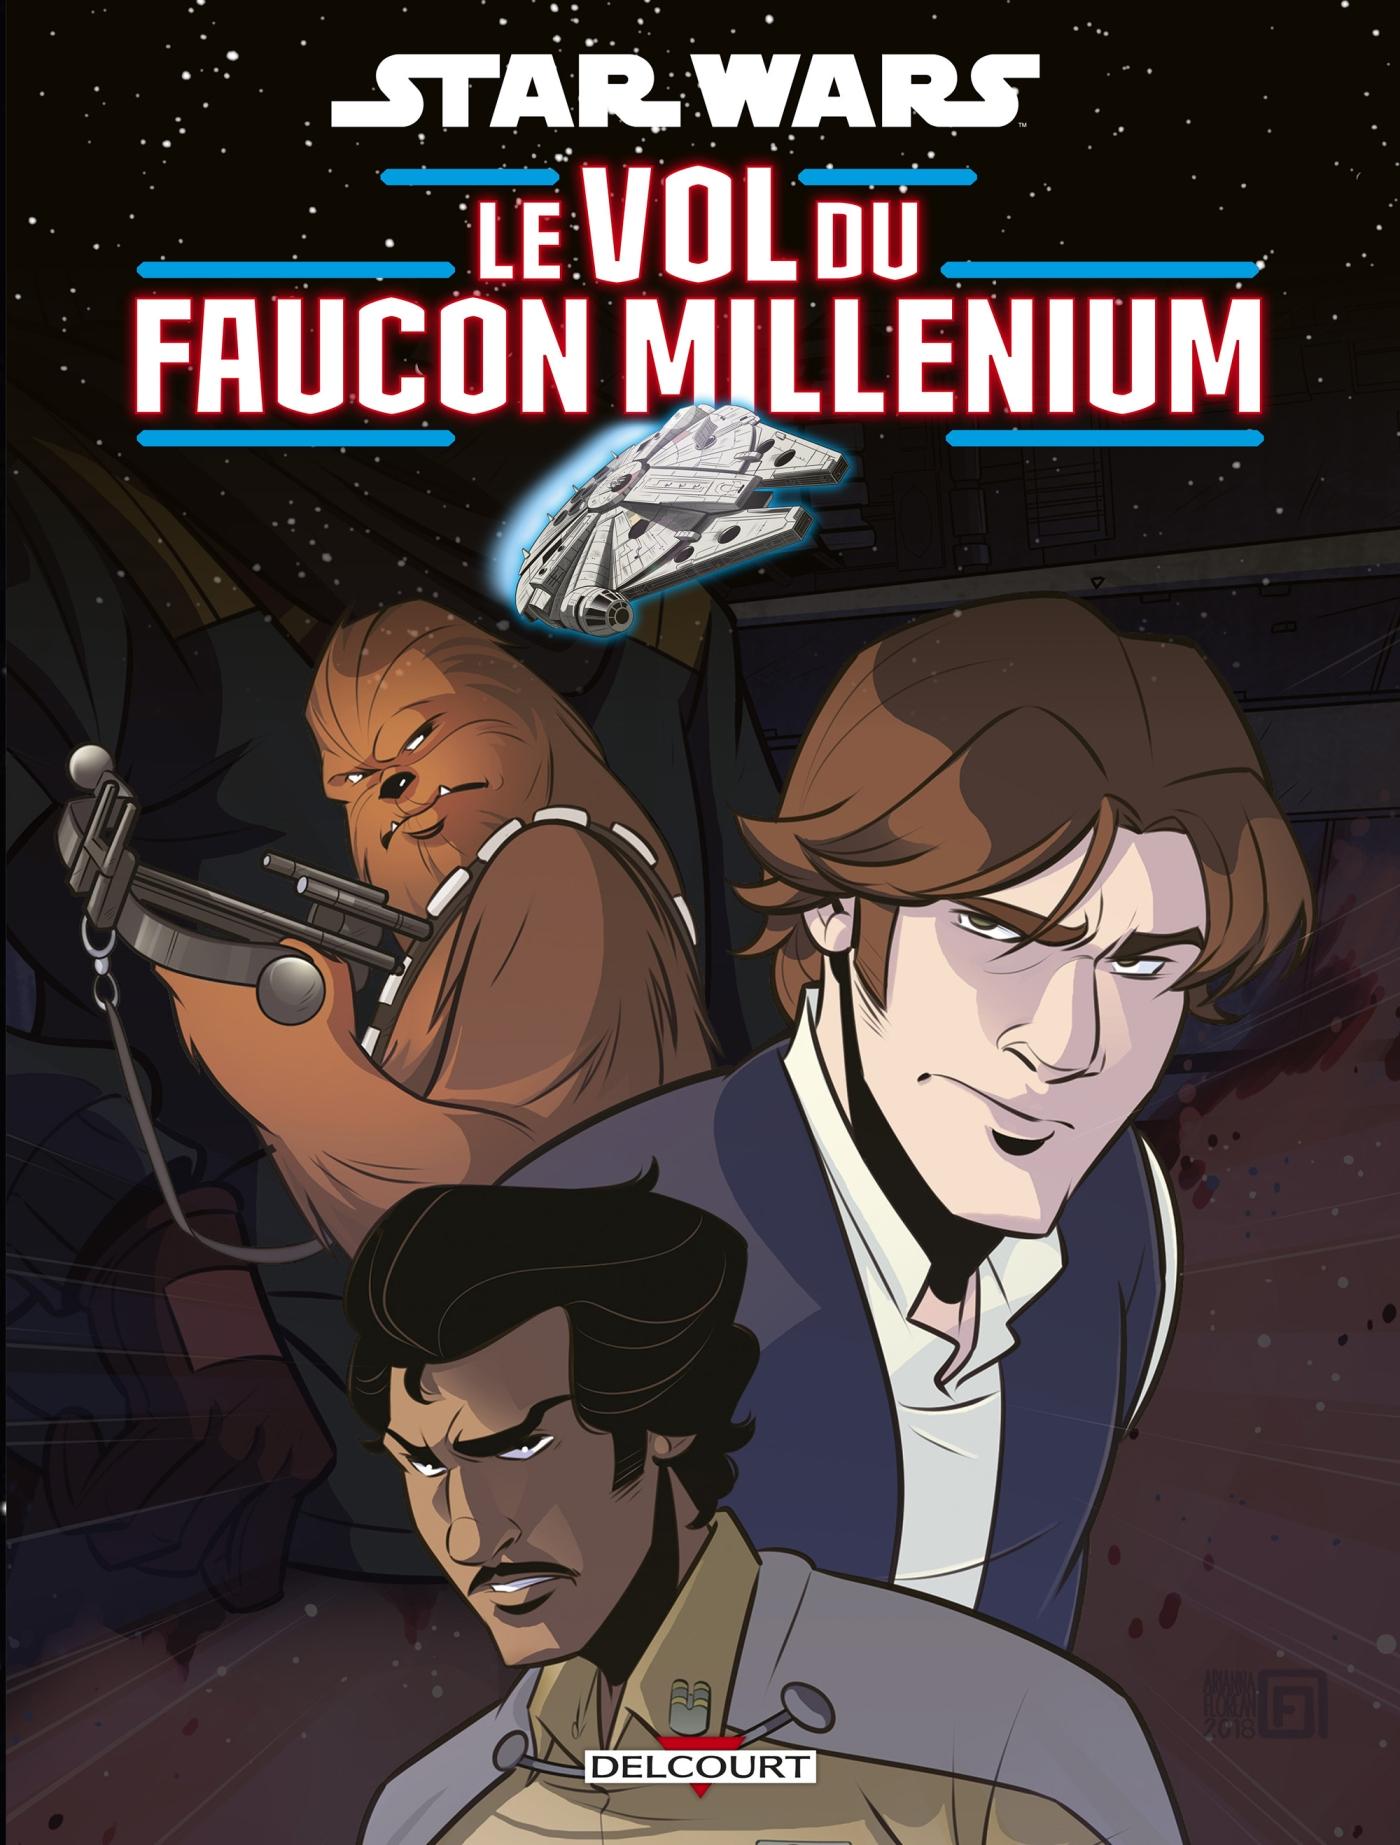 Star Wars - Le Vol du Faucon Millenium 1